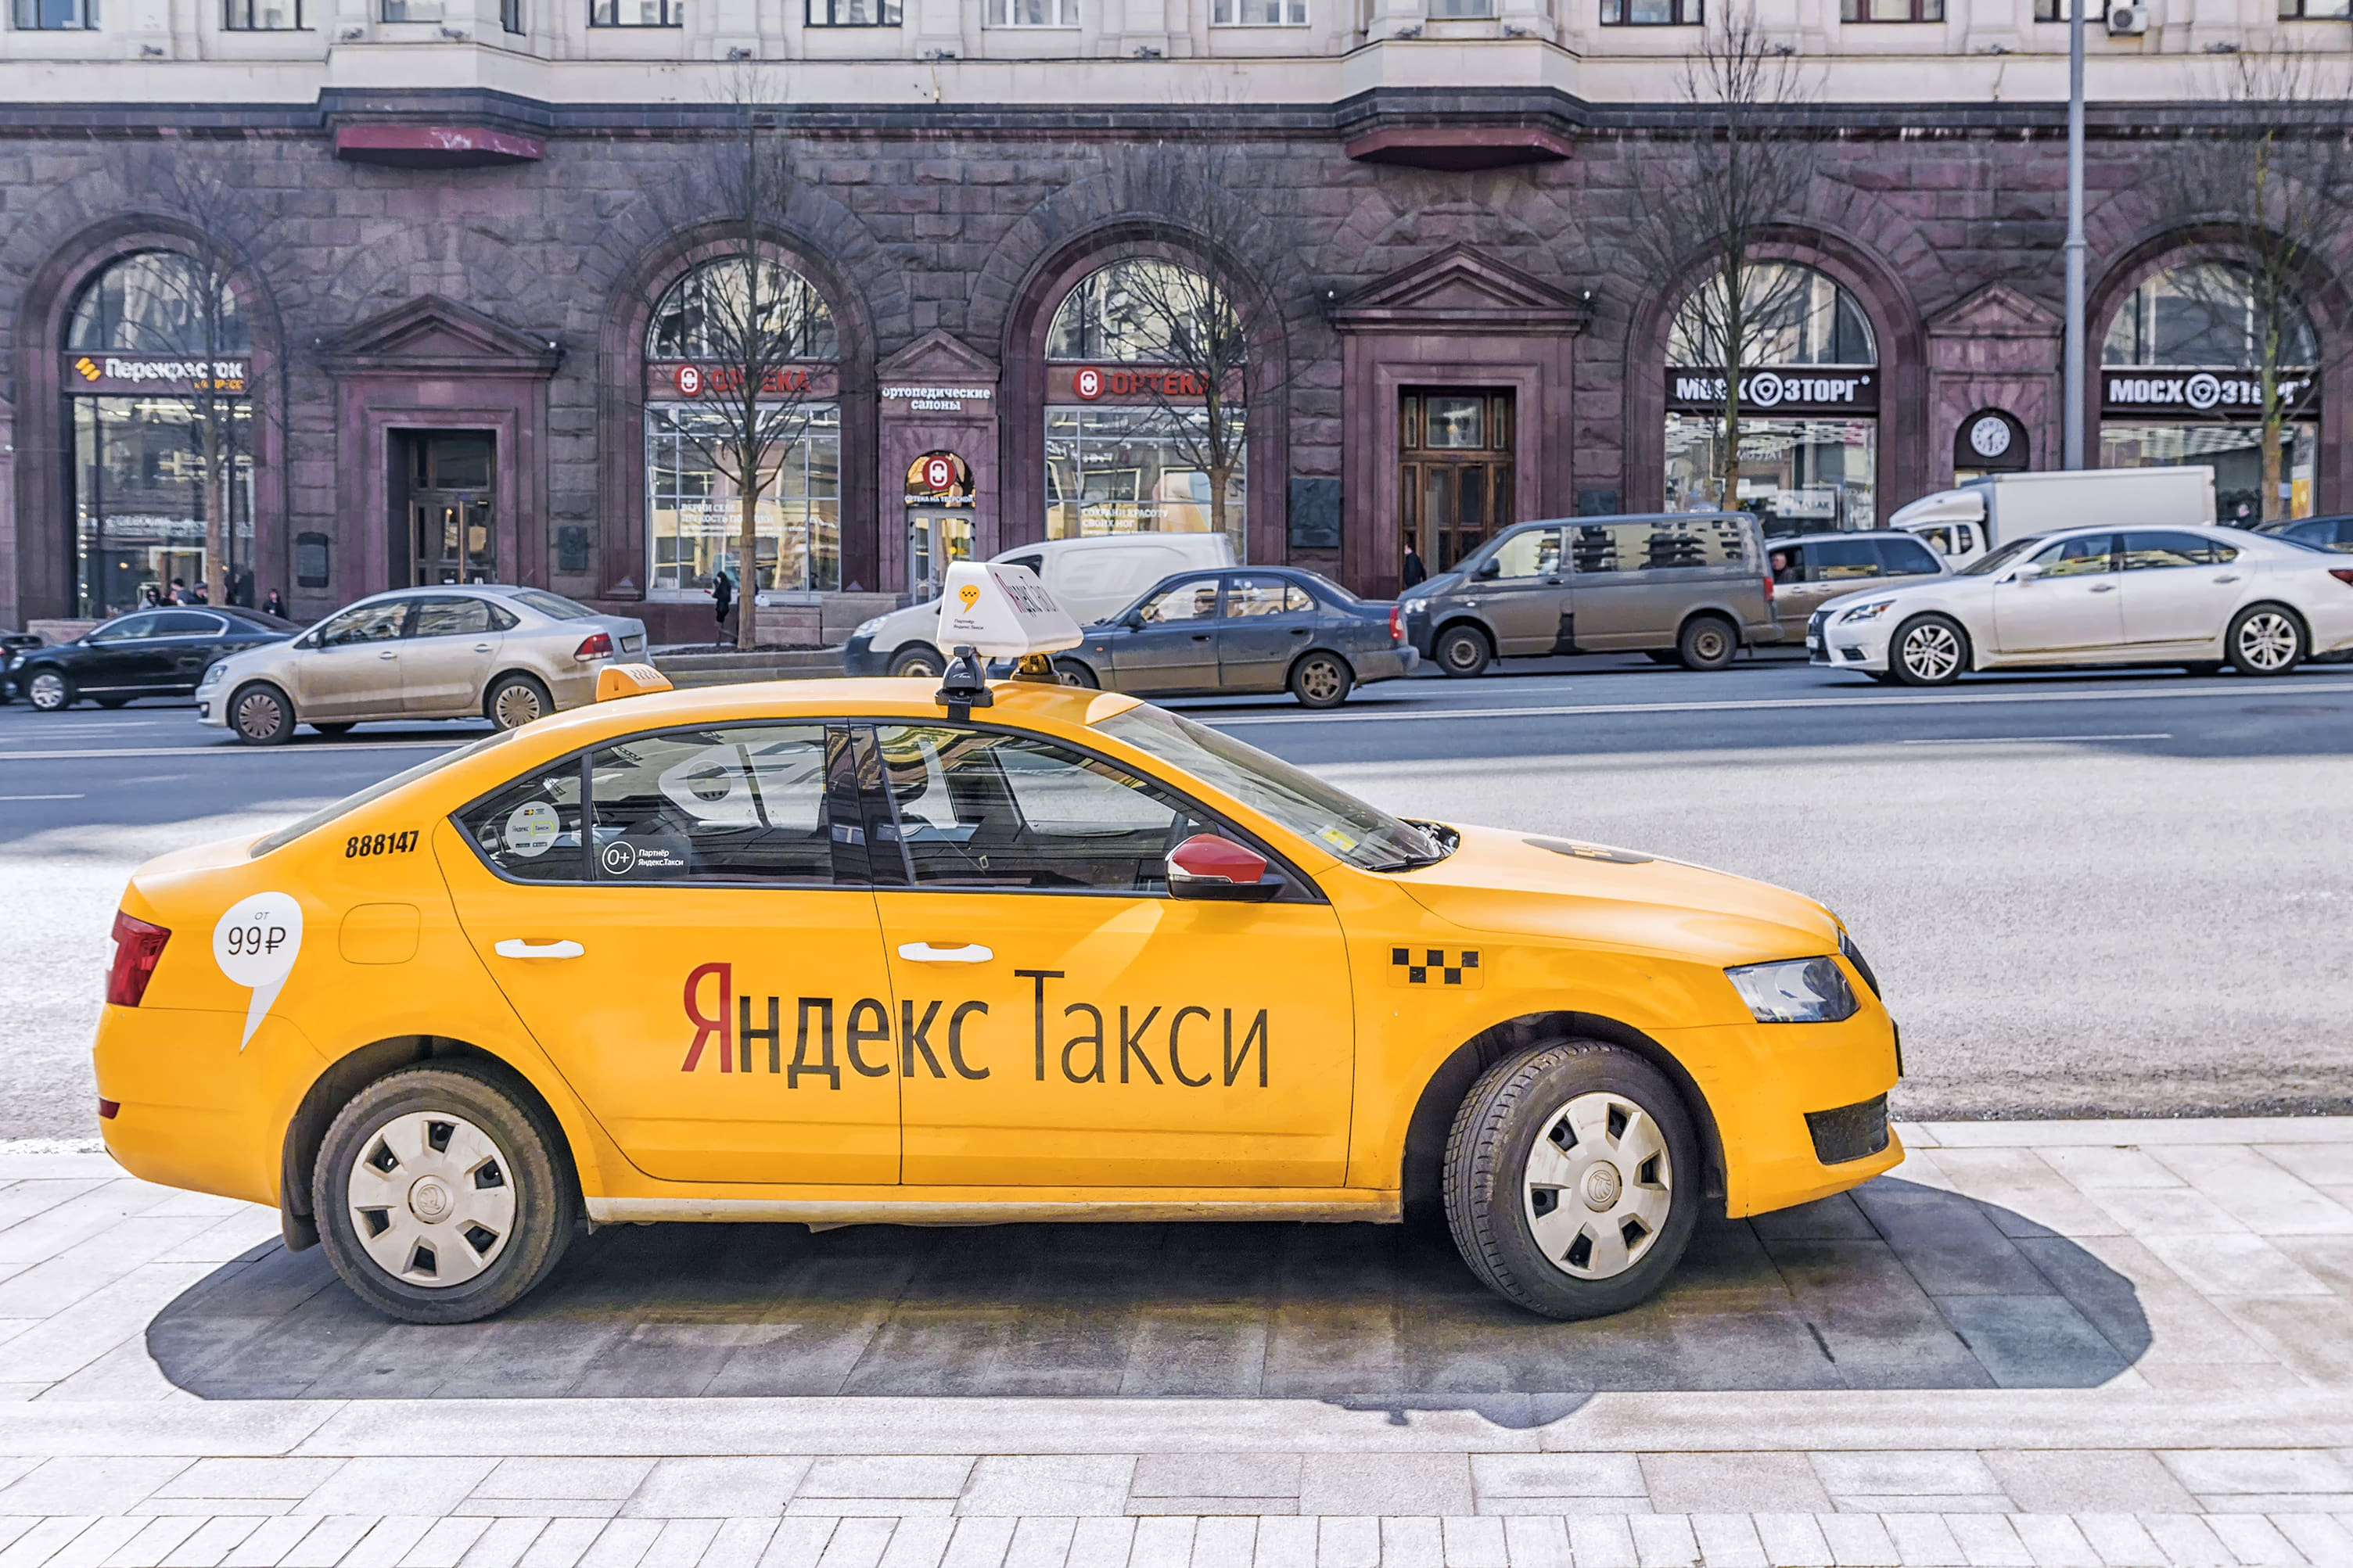 ялок такси в рязани